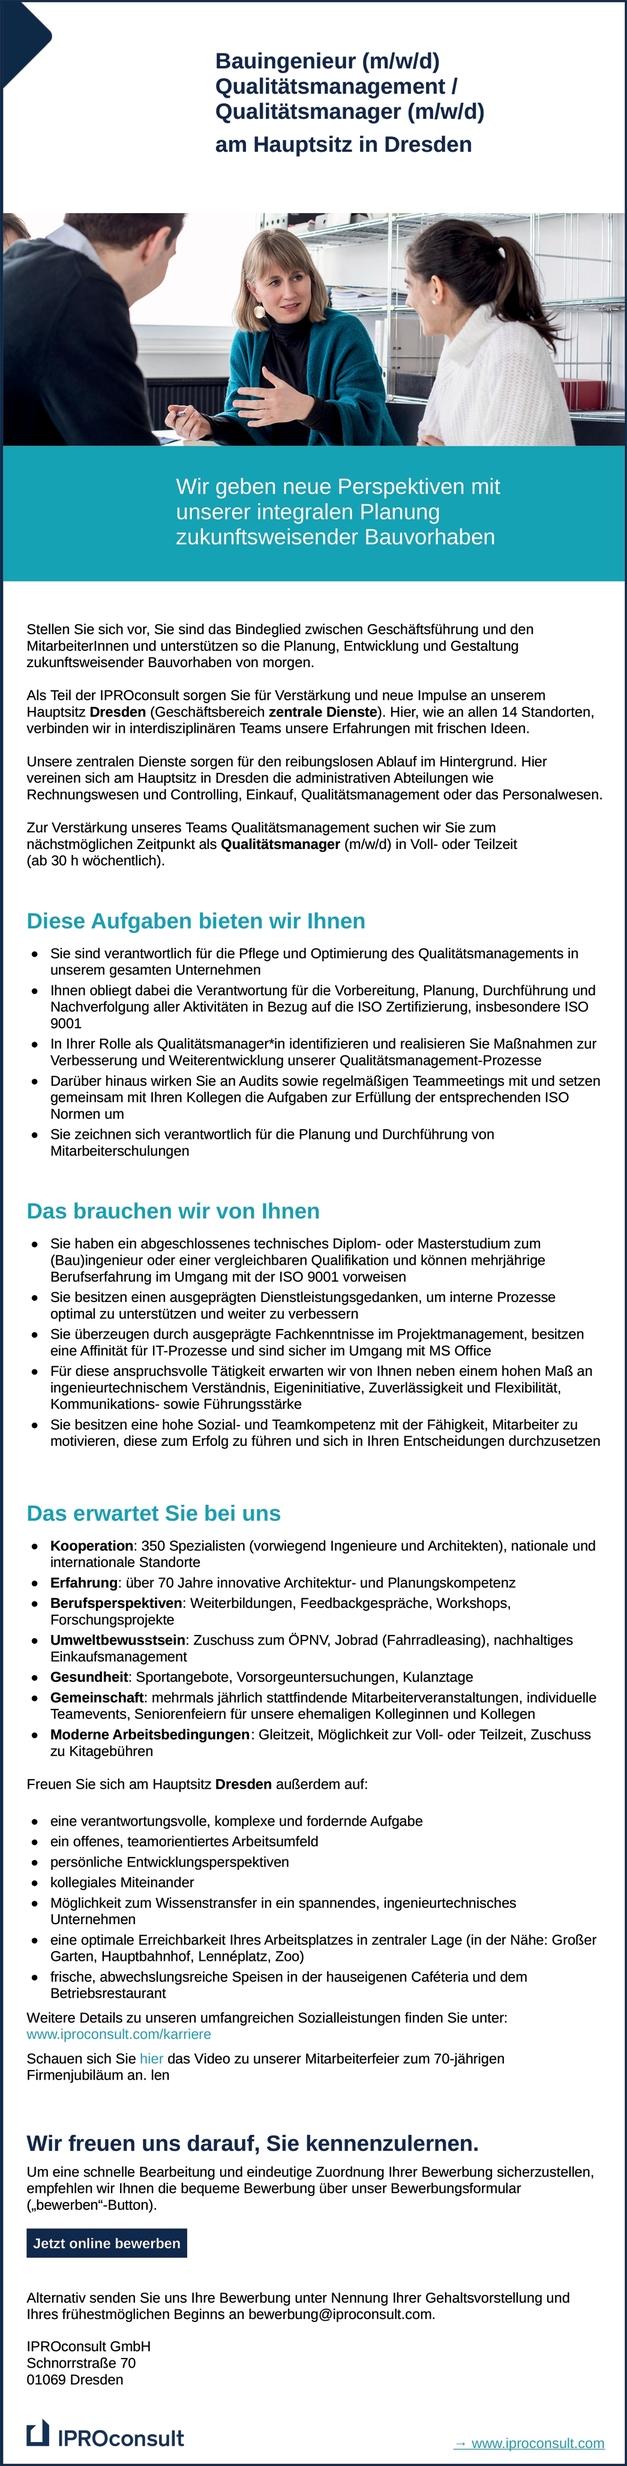 Bauingenieur / Qualitätsmanager m/w/d